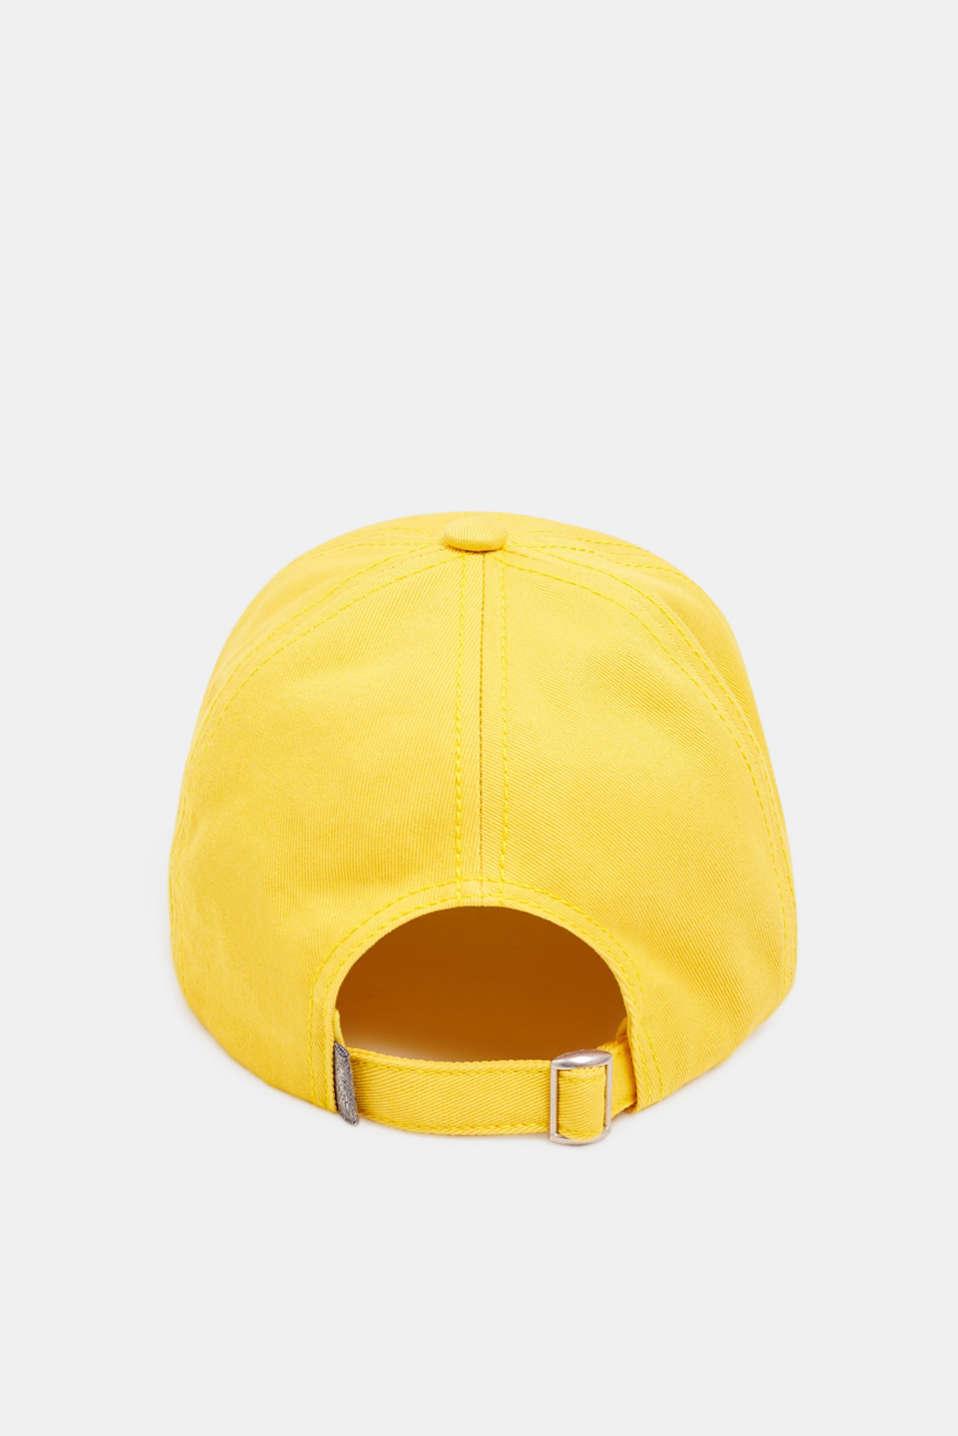 CRAIG & KARL: 100% cotton baseball cap, BRIGHT YELLOW, detail image number 3